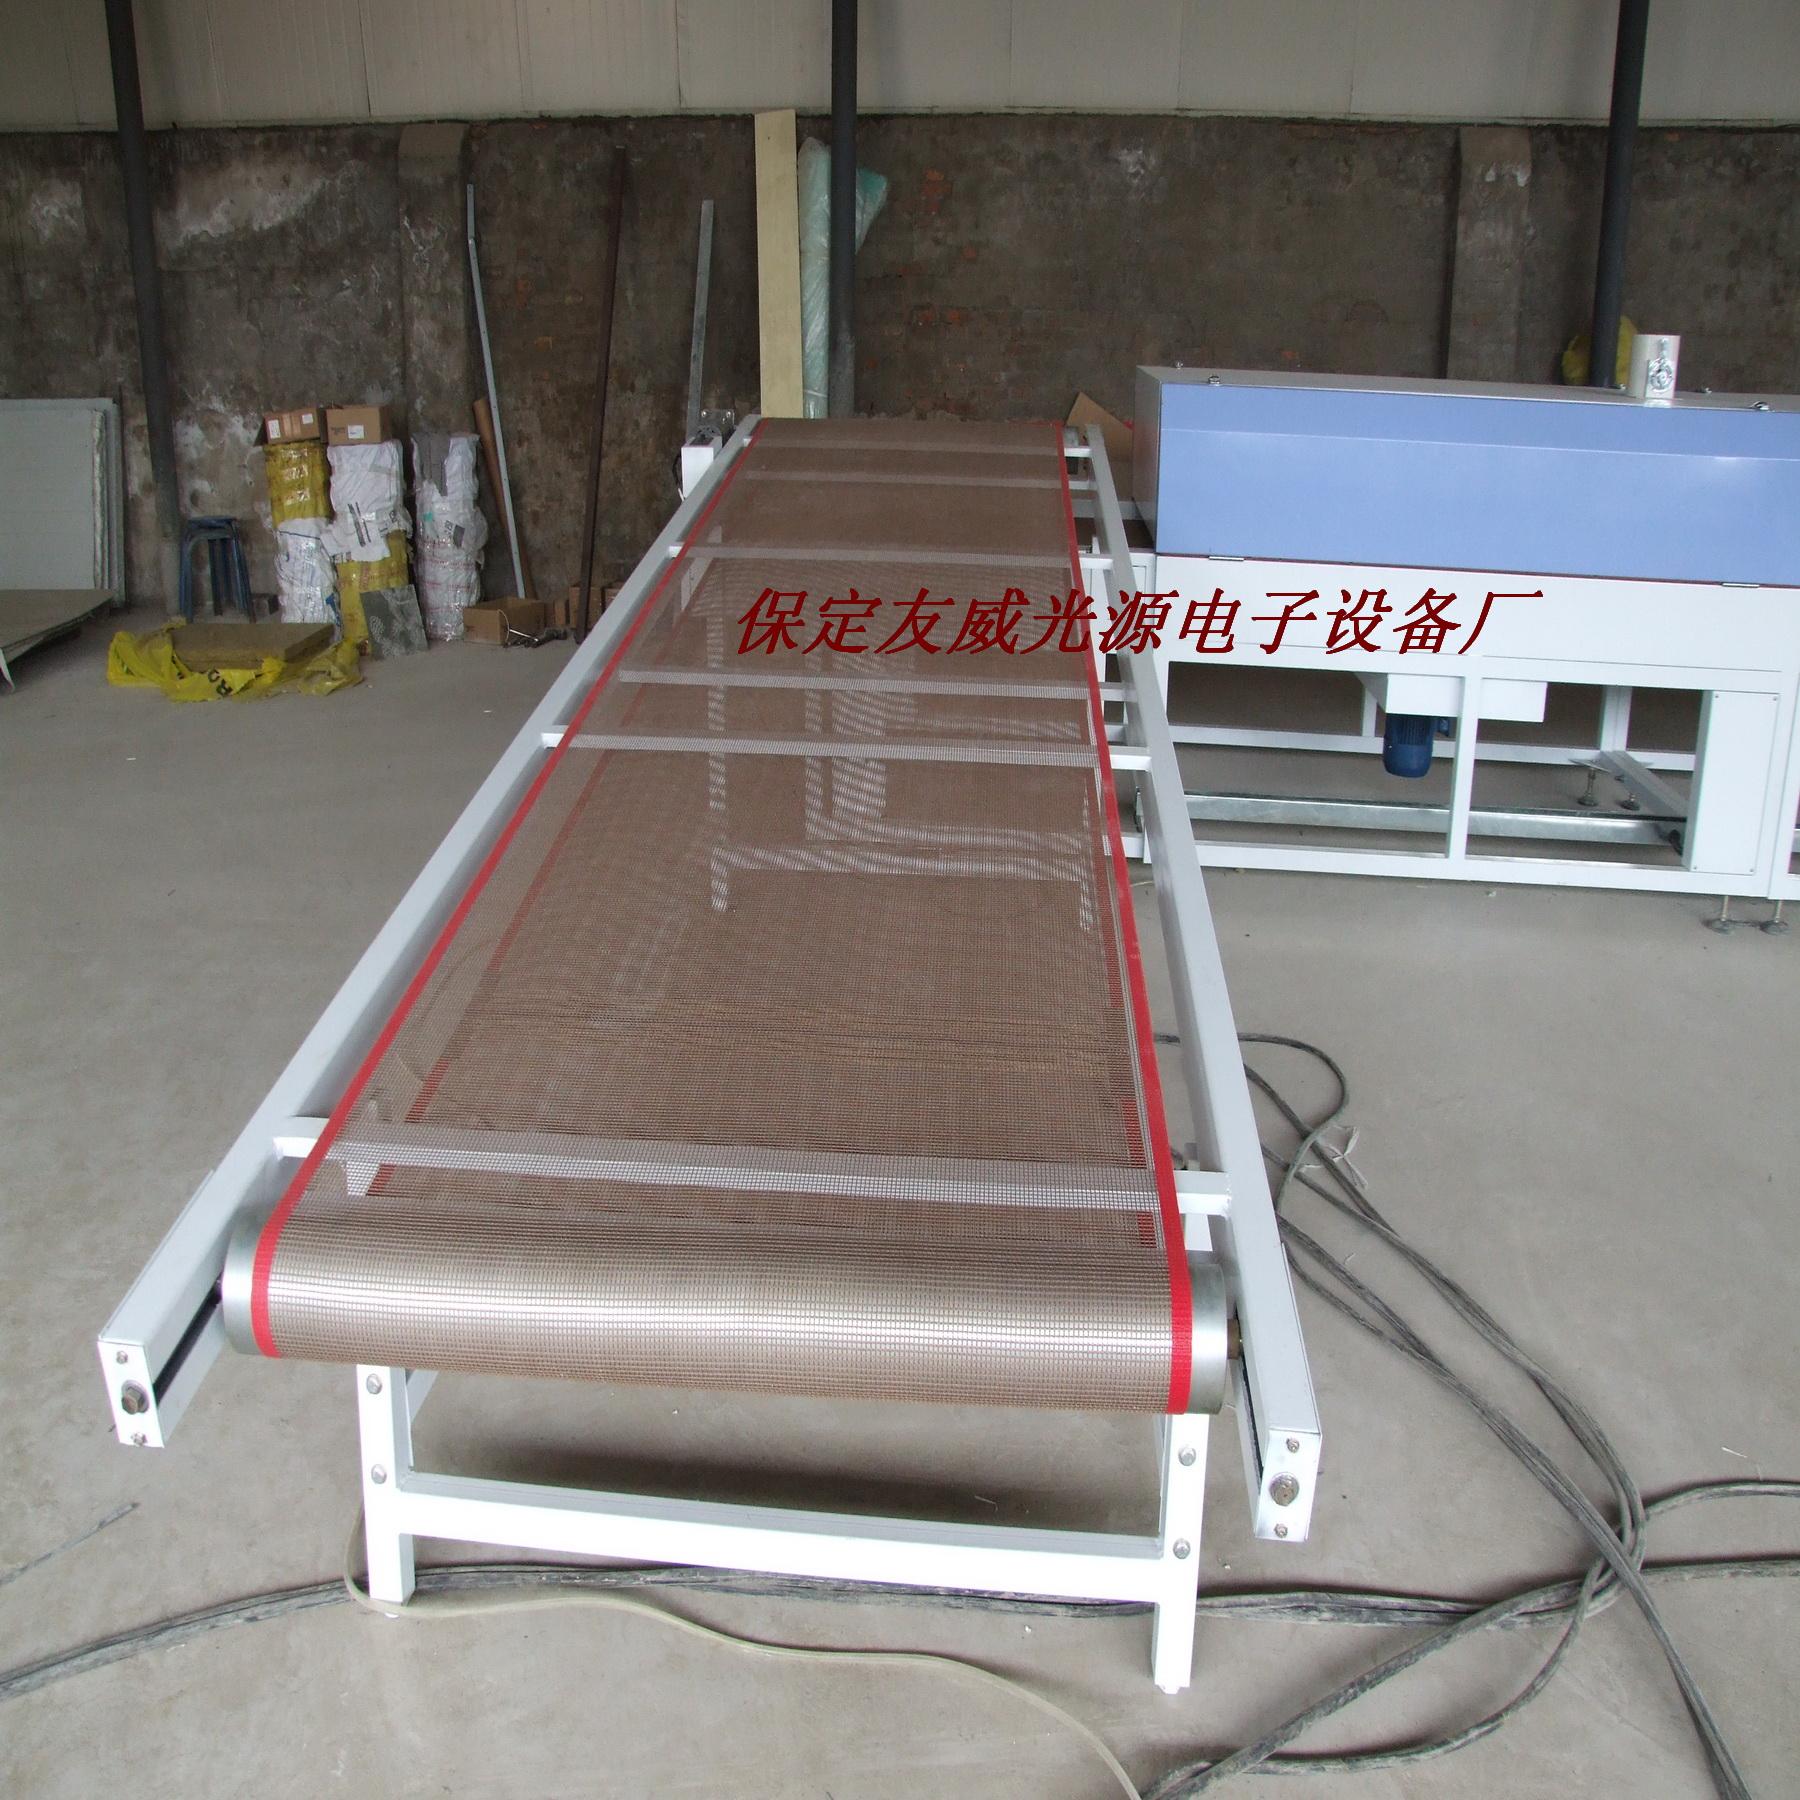 厂家定做隧道烘干机印花连续网带式烘干机